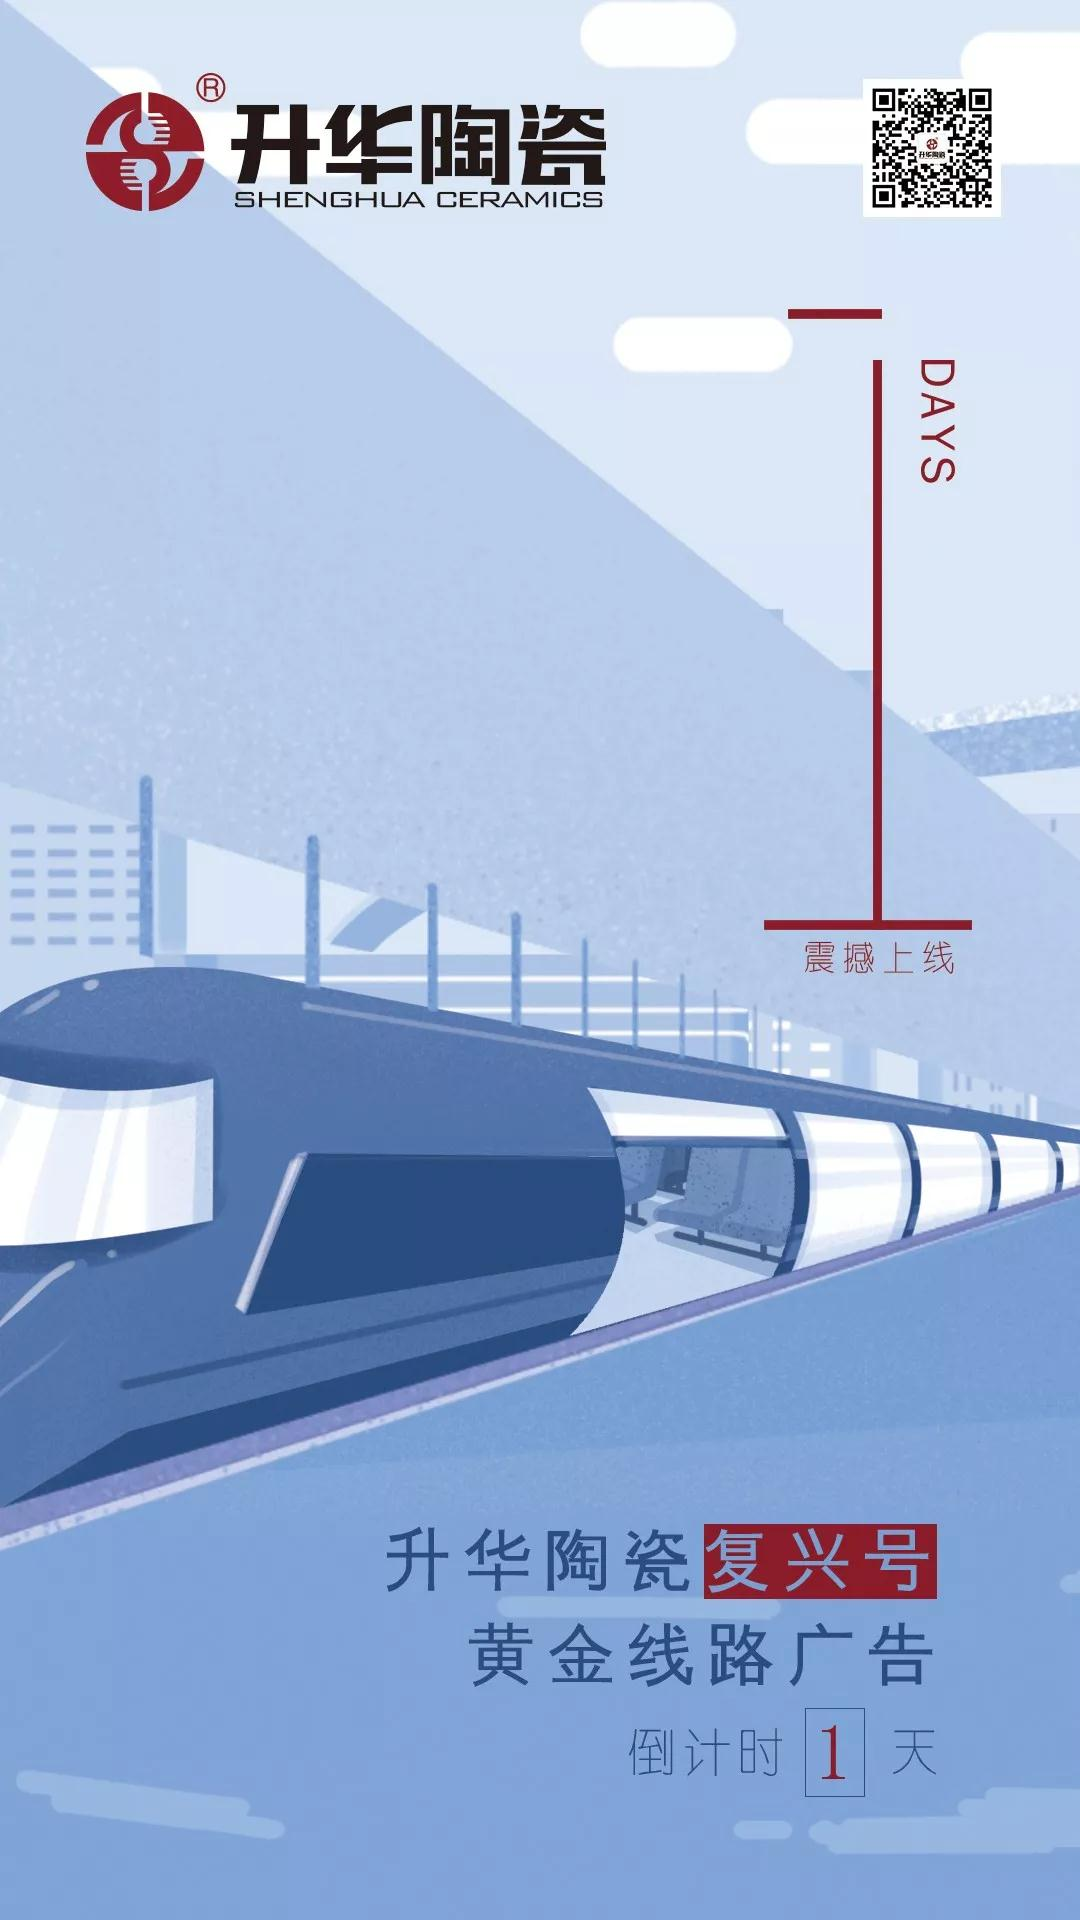 非常期待ING~升华陶瓷复兴号全国高铁列车广告明天上线